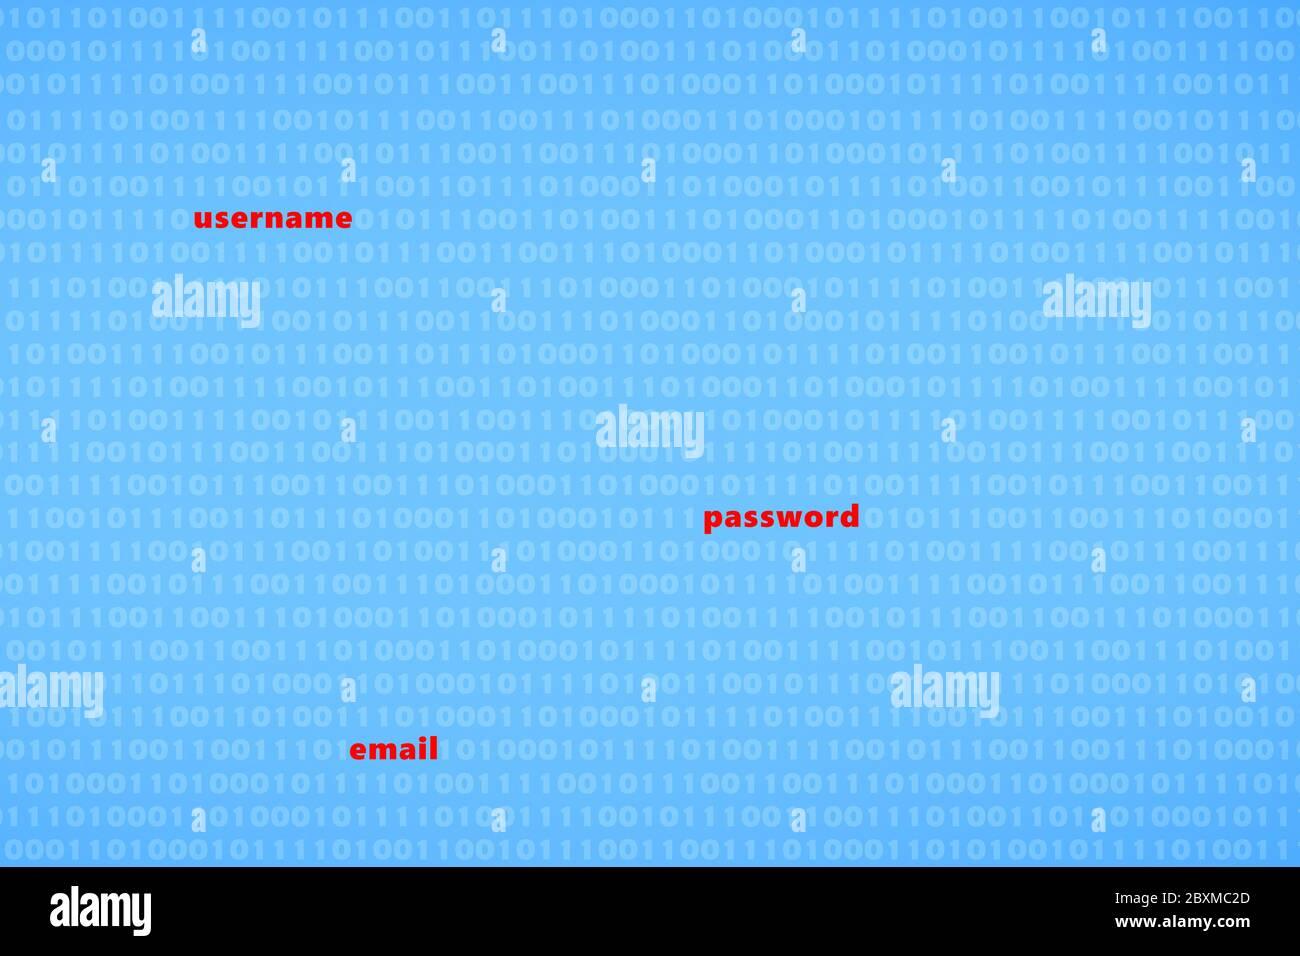 Gehacktes Passwort für Benutzernamen und E-Mail-Datenschutzverletzung - Cybercrime-Konzept Stockfoto